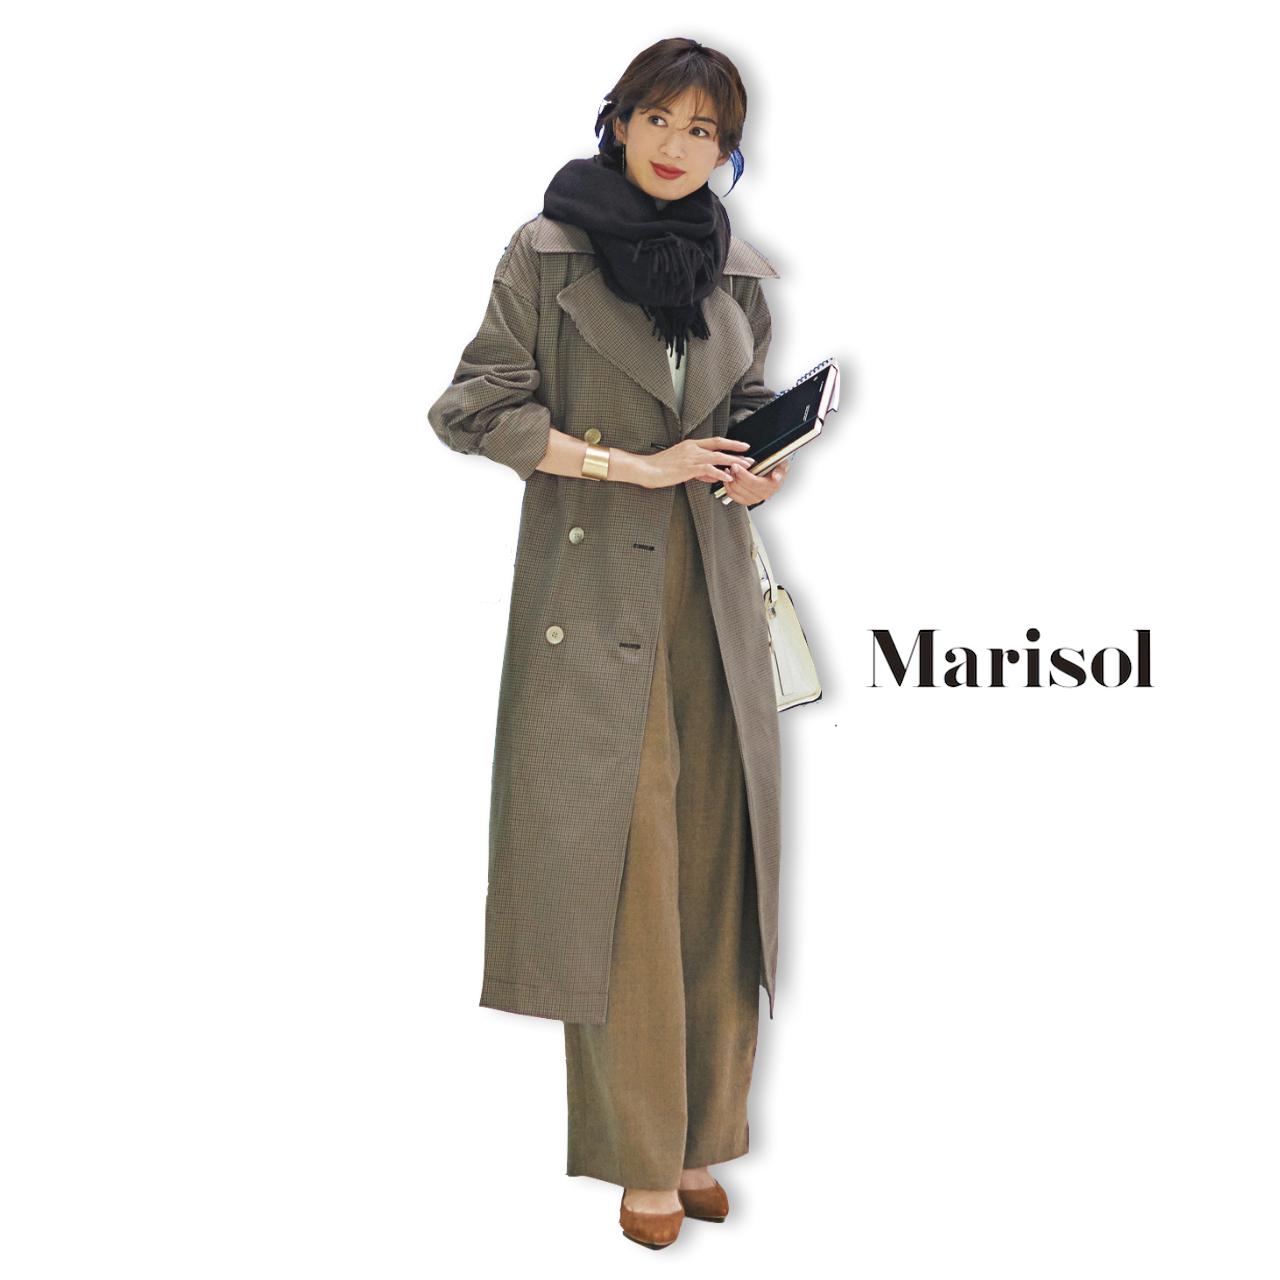 40代ファッション チェック柄トレンチコート×ワイドパンツコーデ